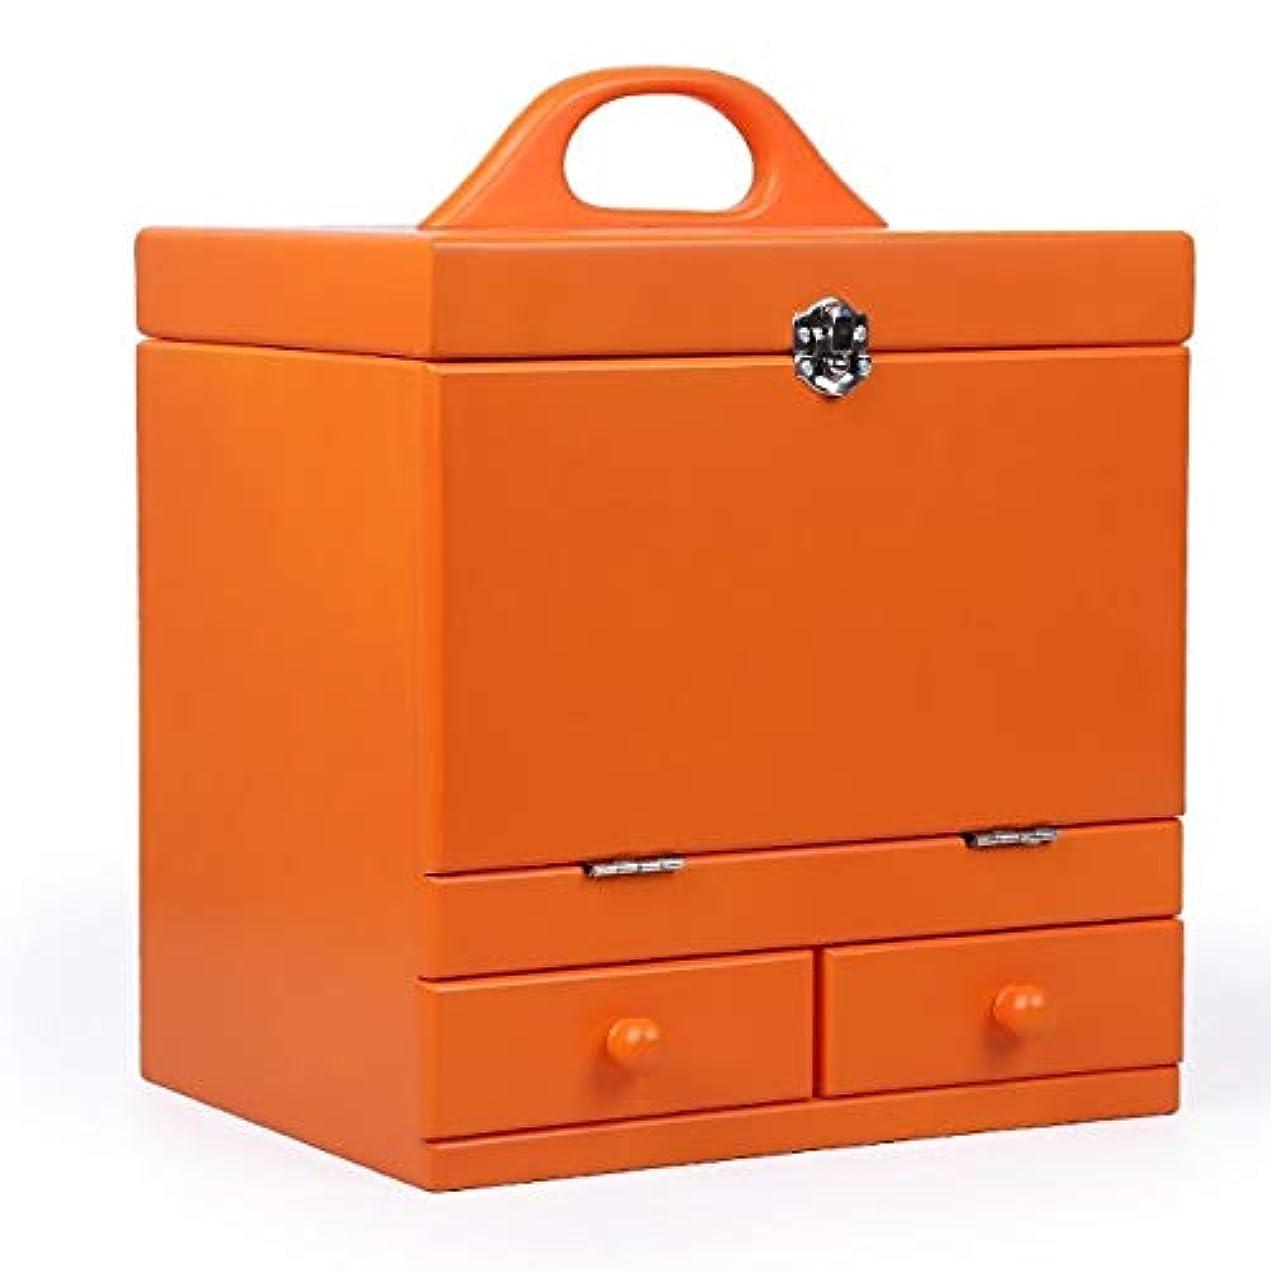 動物園ファーザーファージュリマ化粧箱、オレンジ二重デッキヴィンテージ木製彫刻化粧品ケース、ミラー、高級ウェディングギフト、新築祝いギフト、美容ネイルジュエリー収納ボックス